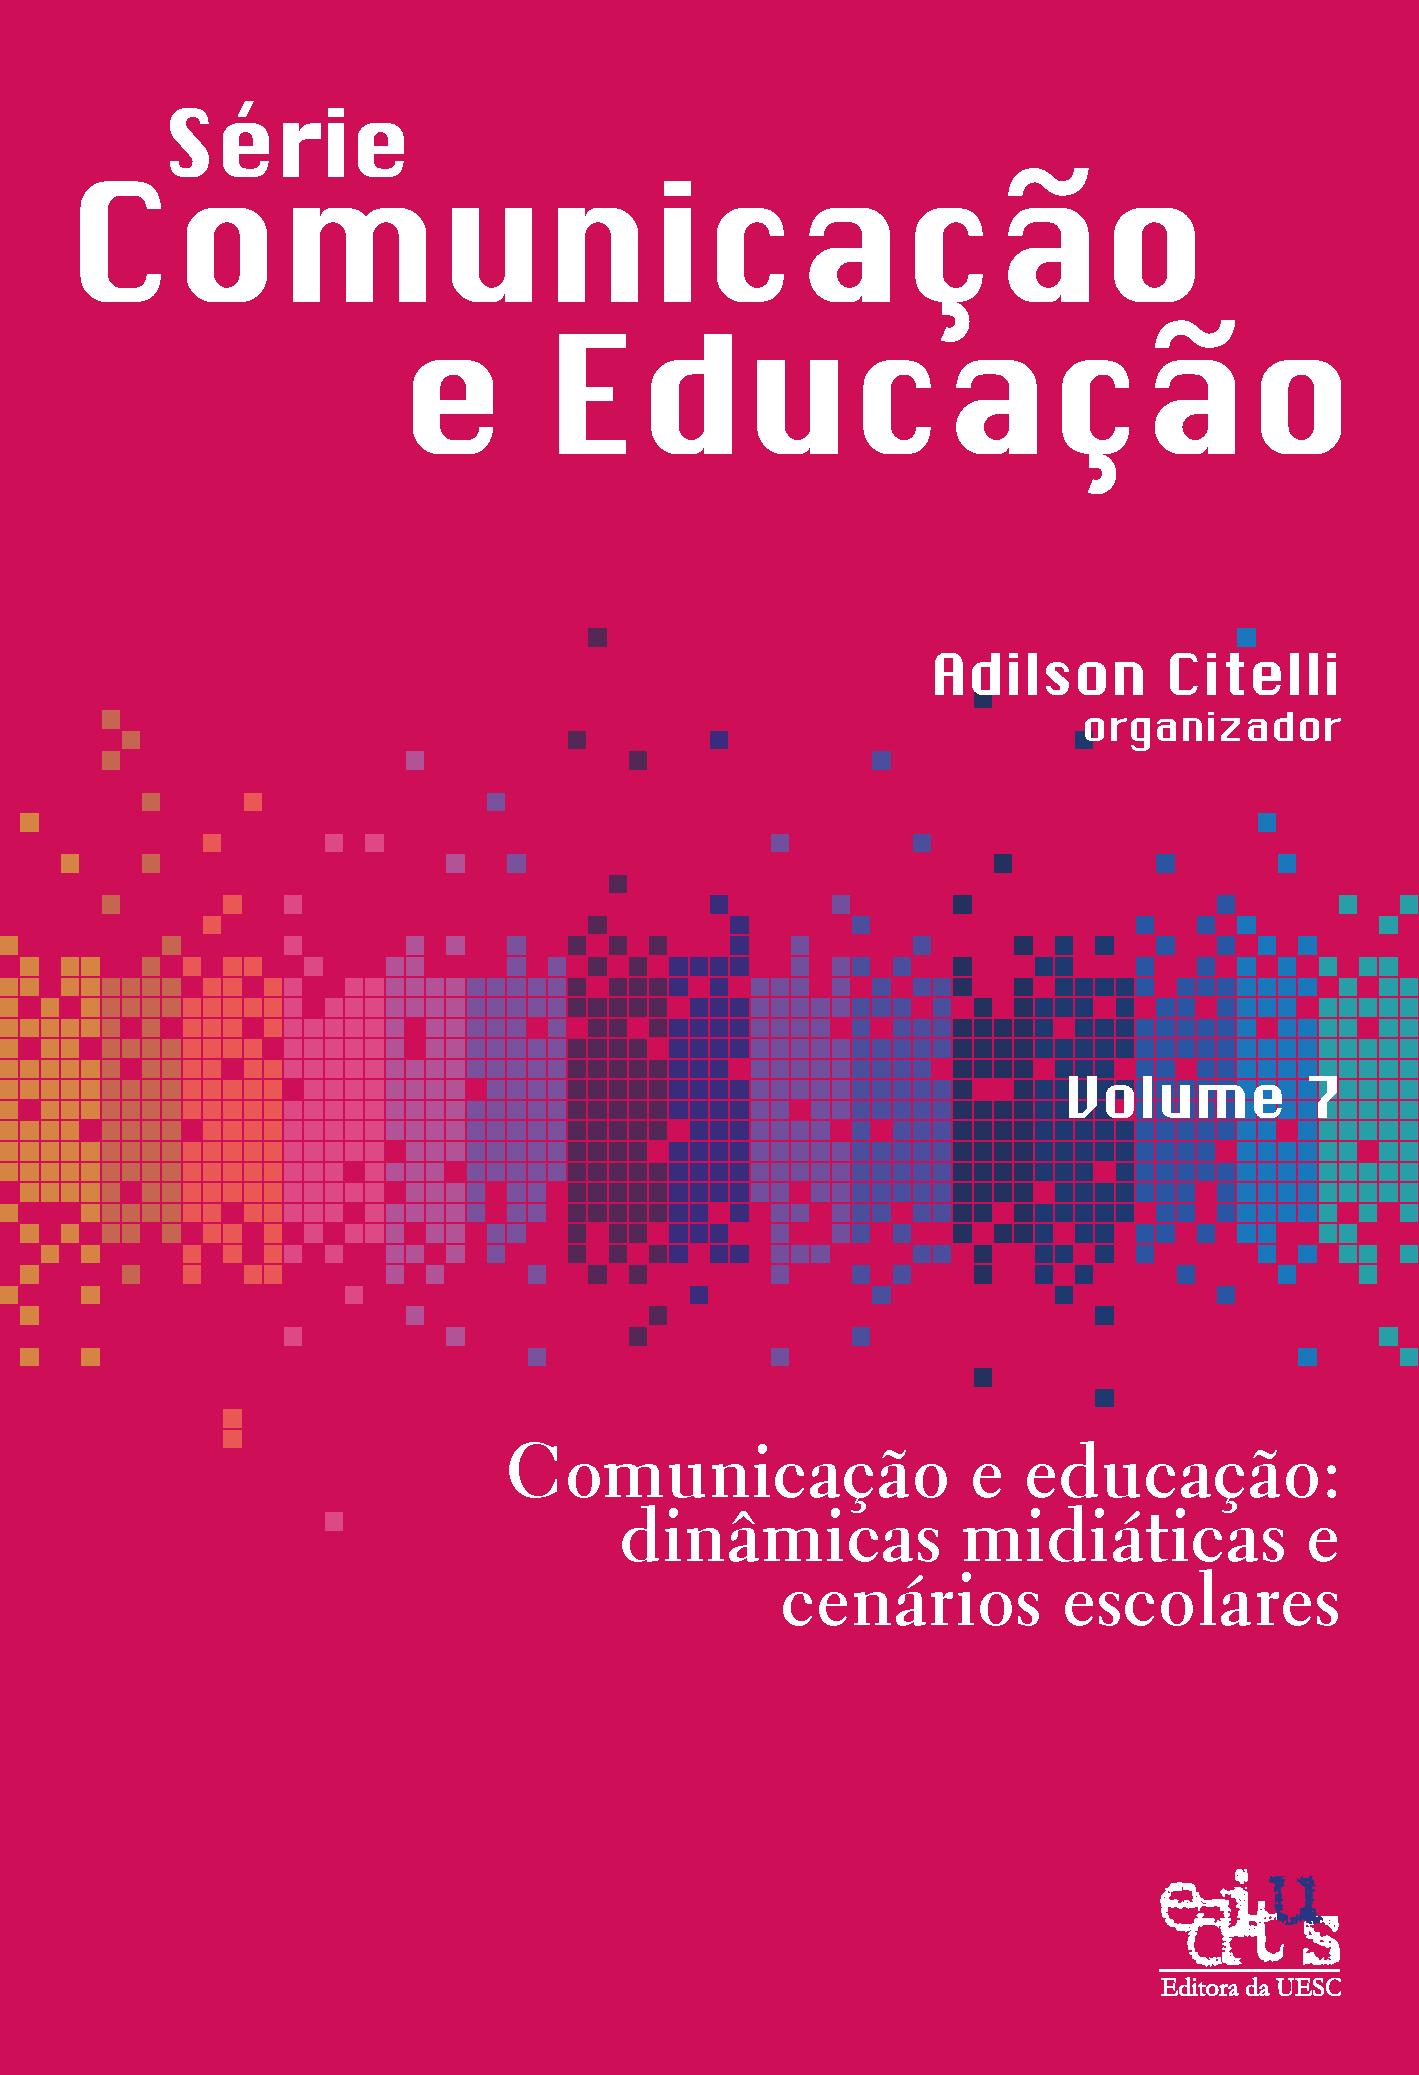 Comunicação e educação. Dinâmicas midiáticas e cenários escolares, livro de Adilson Citelli